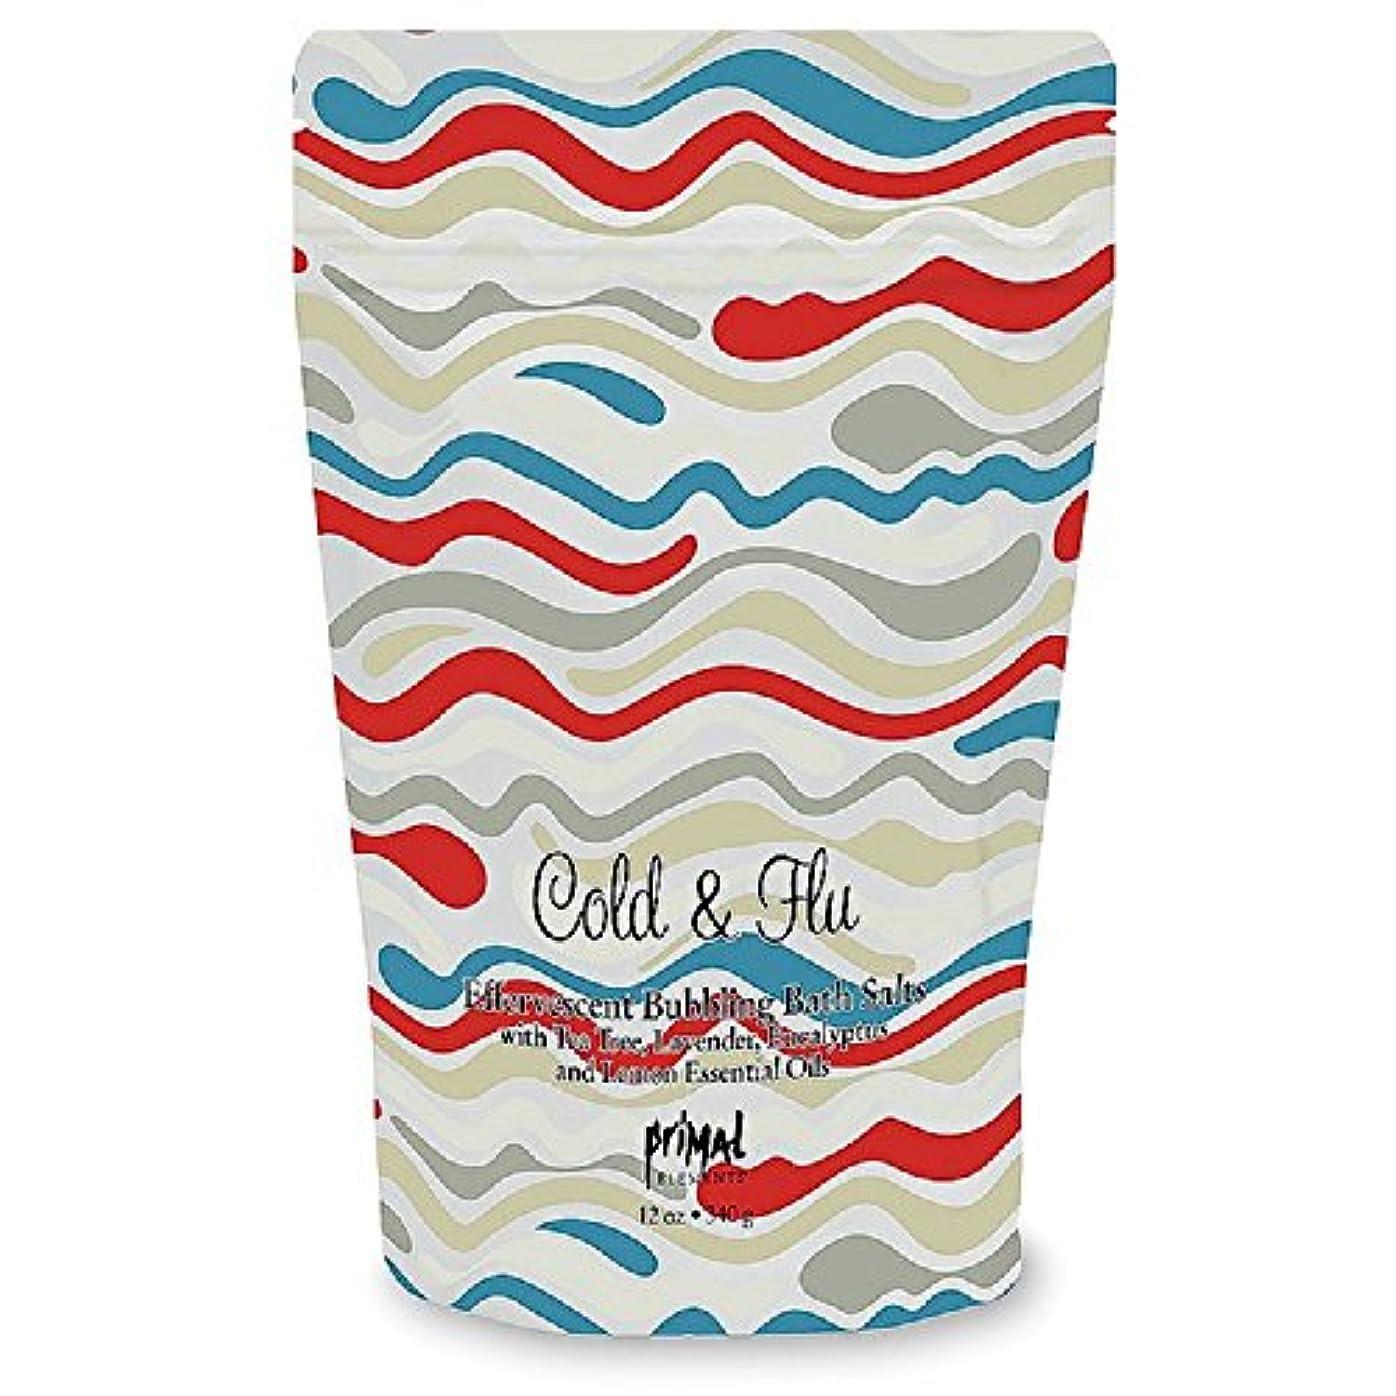 あいまいさカヌーに付けるプライモールエレメンツ バブリング バスソルト/コールド&フルー 340g エプソムソルト含有 アロマの香りがひろがる泡立つ入浴剤